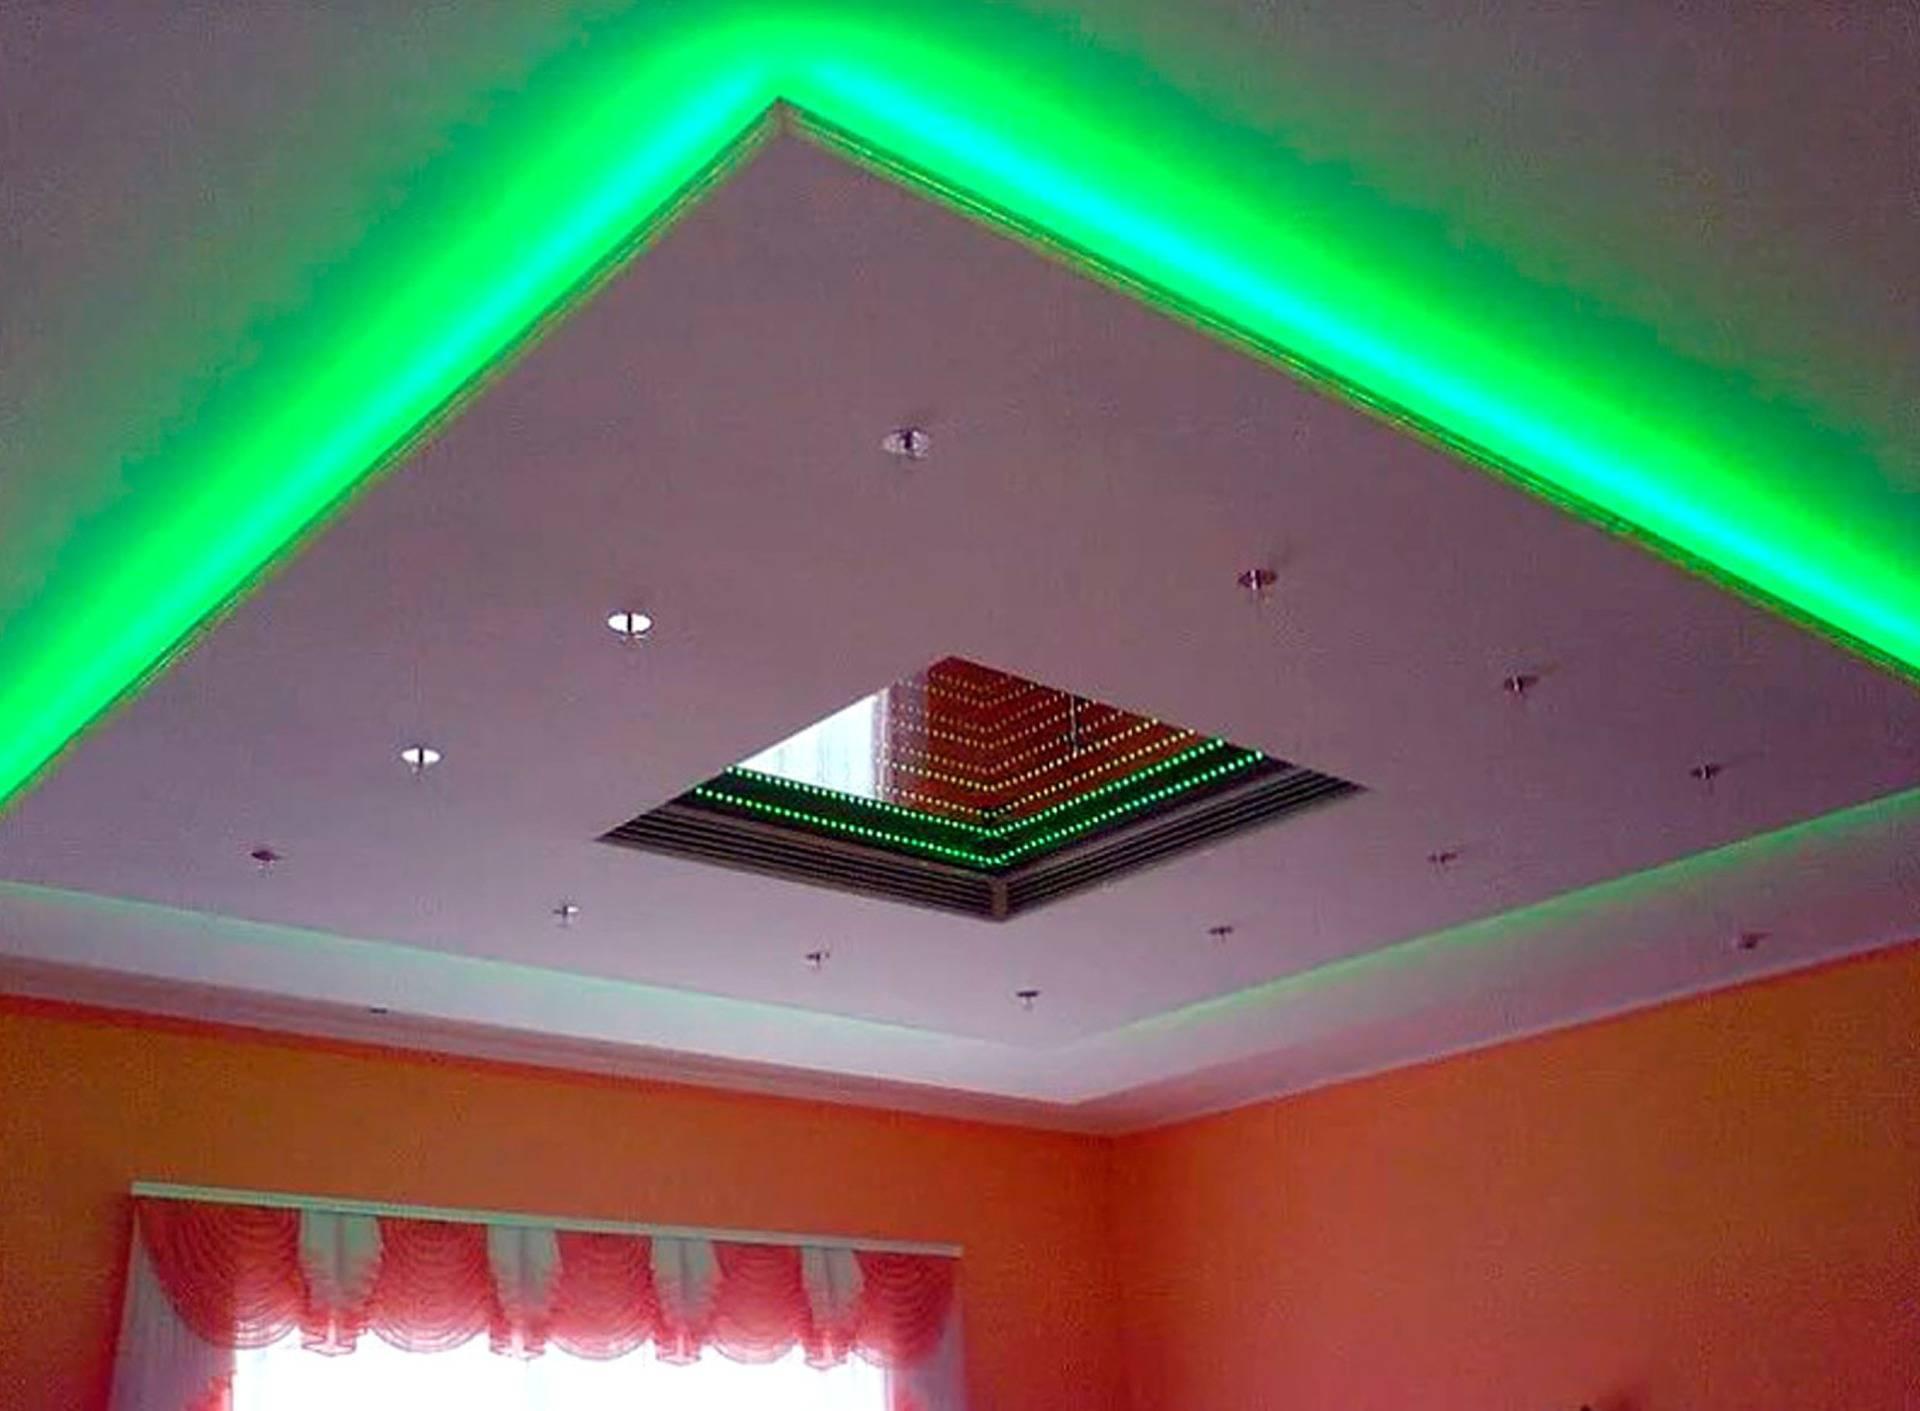 Двухуровневый потолок из гипсокартона с подсветкой: фото дизайна, цена, устройство, пошаговая инструкция по монтажу своими руками со схемой,